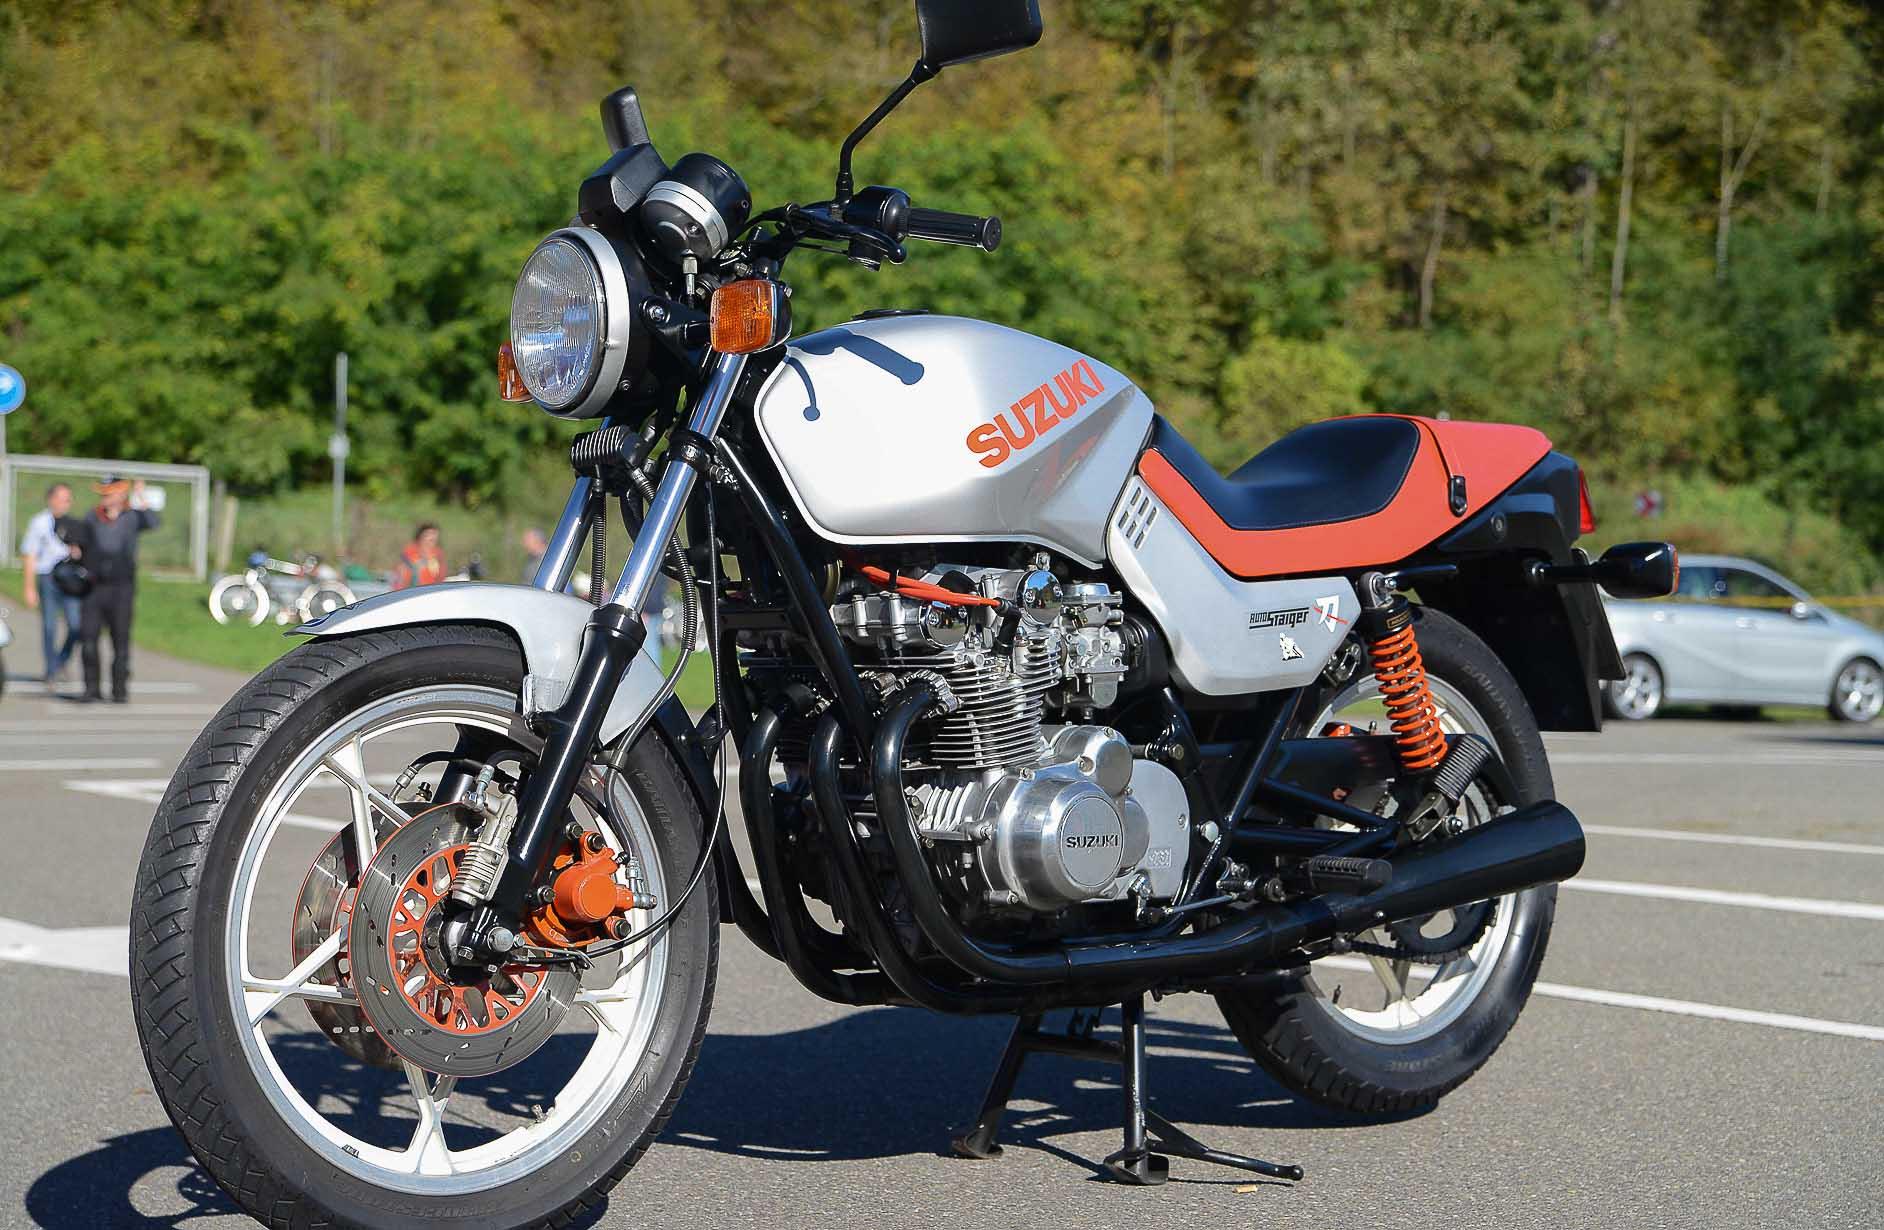 SUZUKI GS 550E (1977 - 1984)